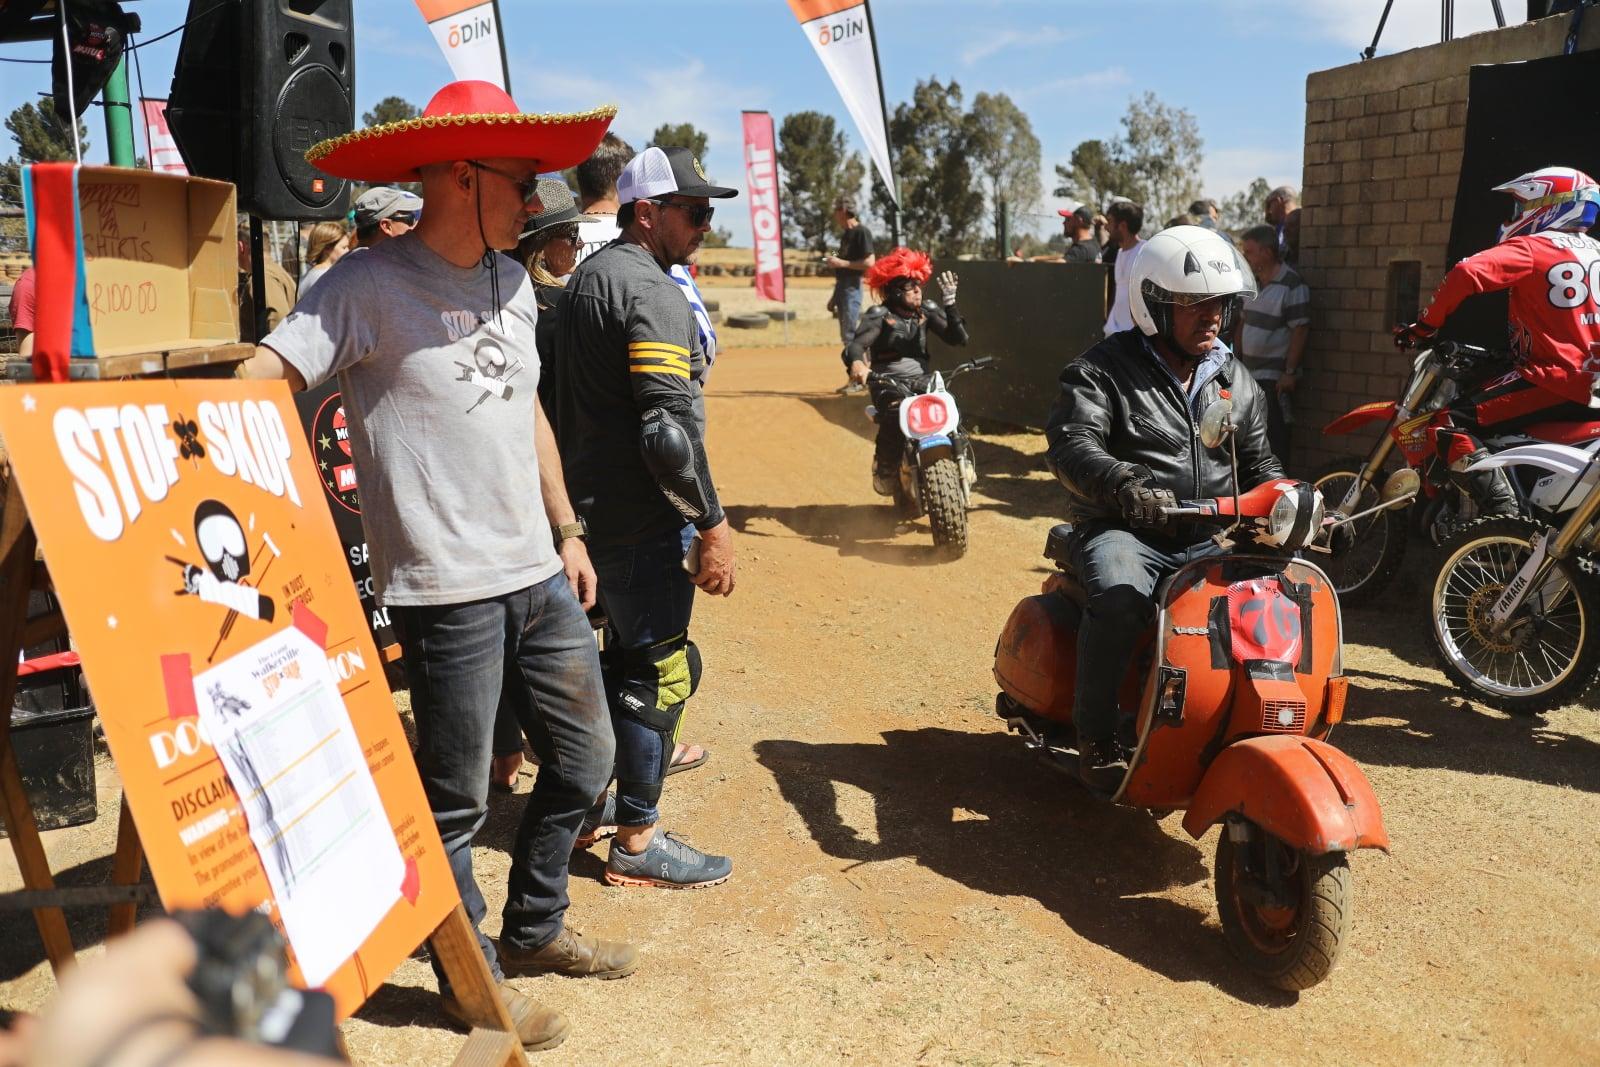 Zawody motocyklistów, Johannesburg, Arfryka